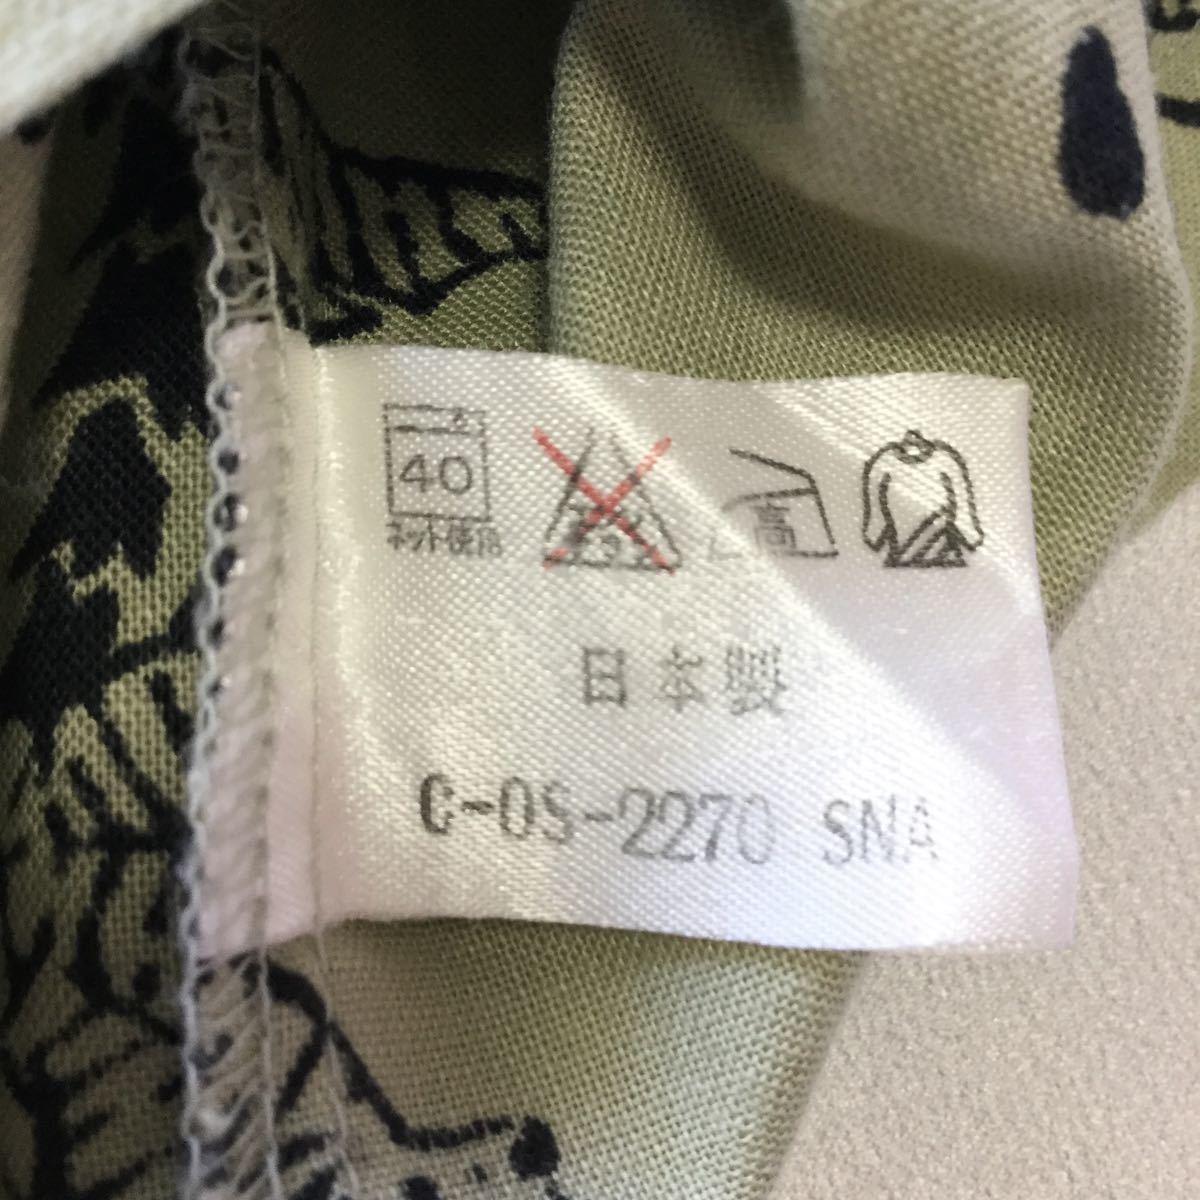 メンズ★半袖シャツ★アニマル柄★サイズL